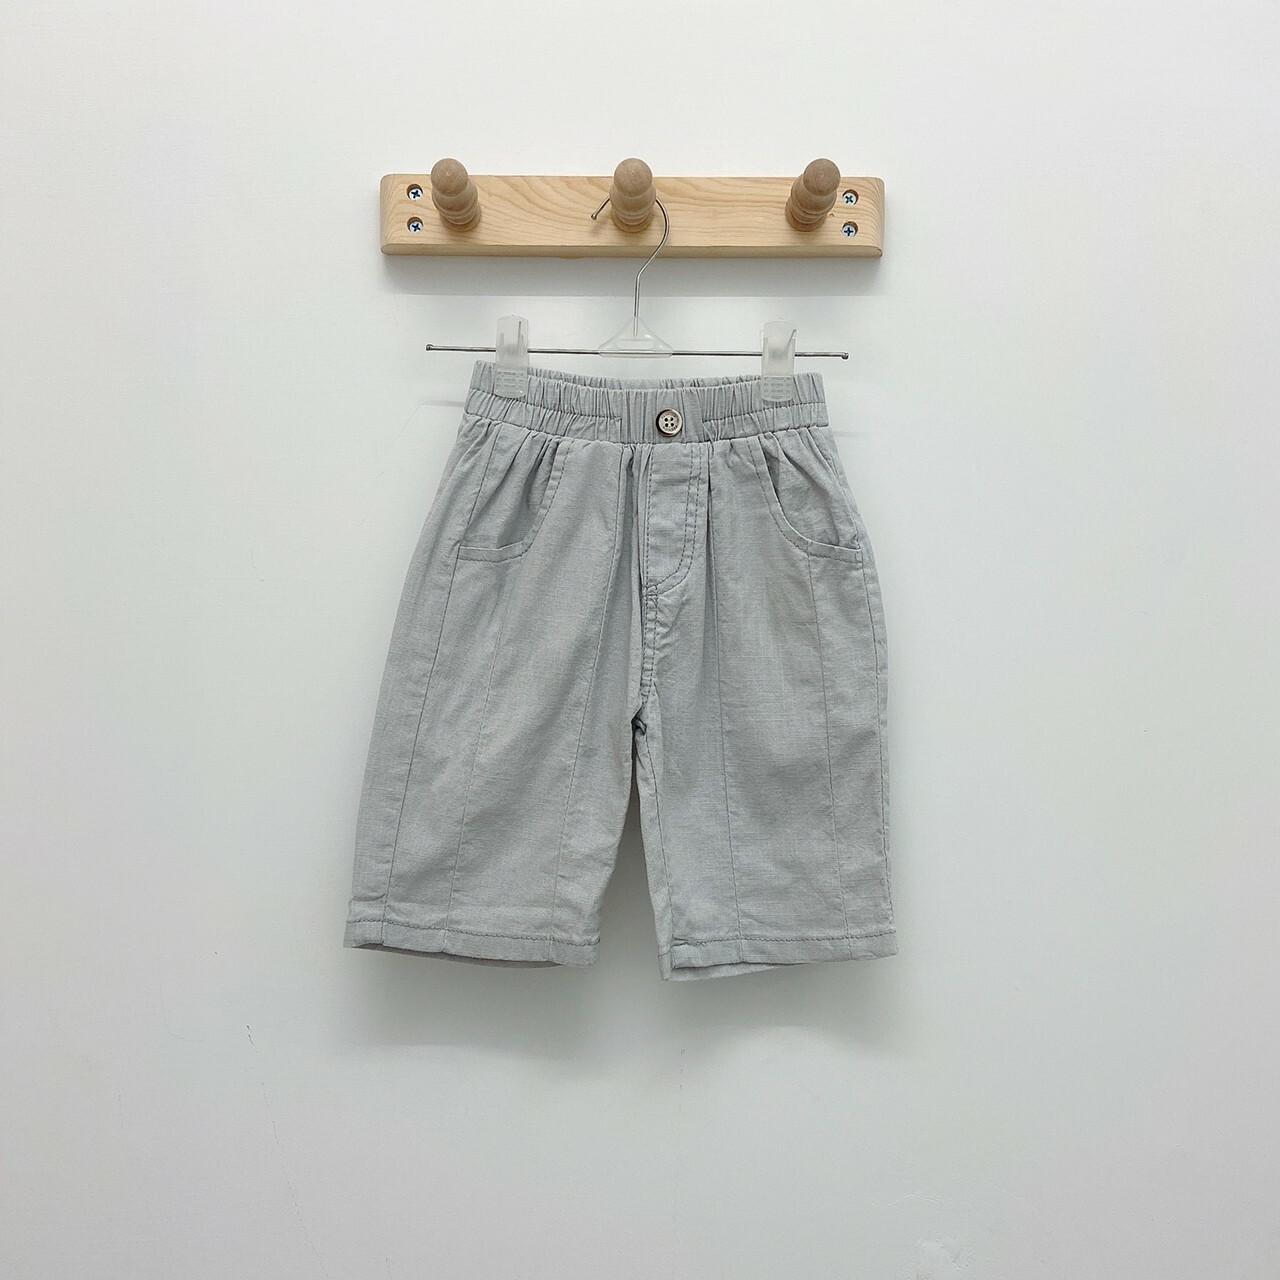 褲裙短 五~七分褲_210803_33.jpg